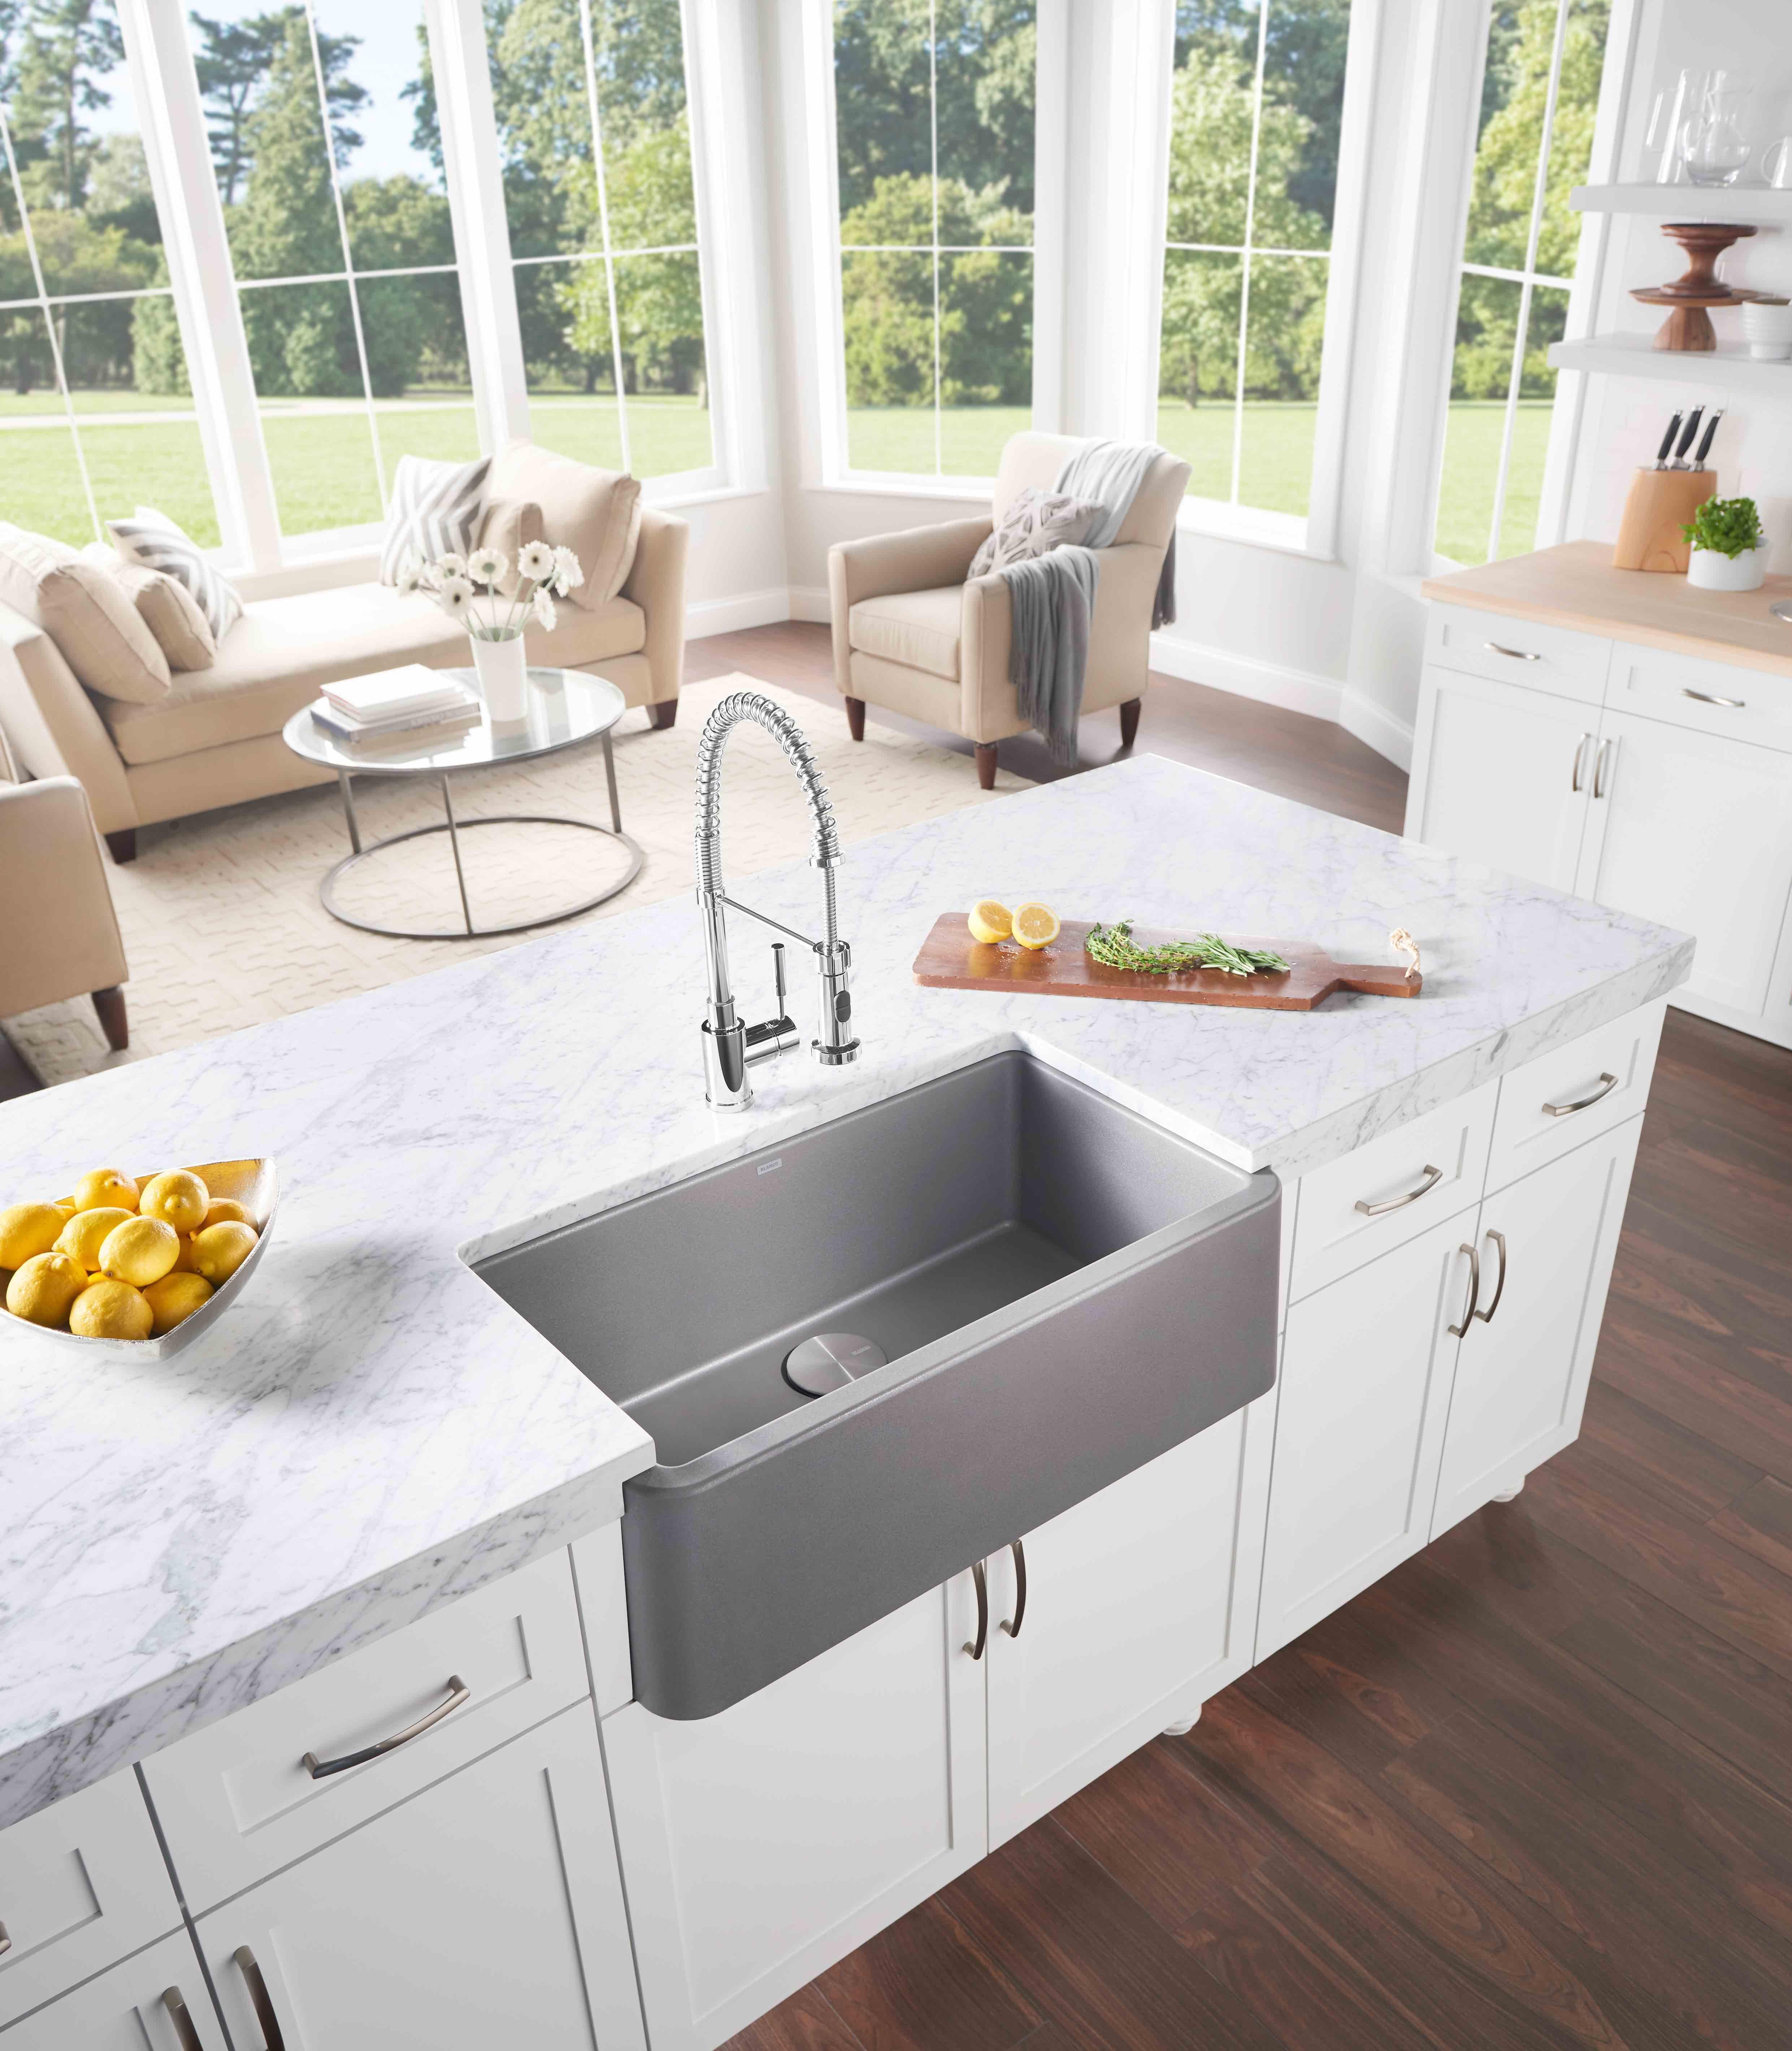 BLANCO IKON Farm Sink In Metallic Grey.